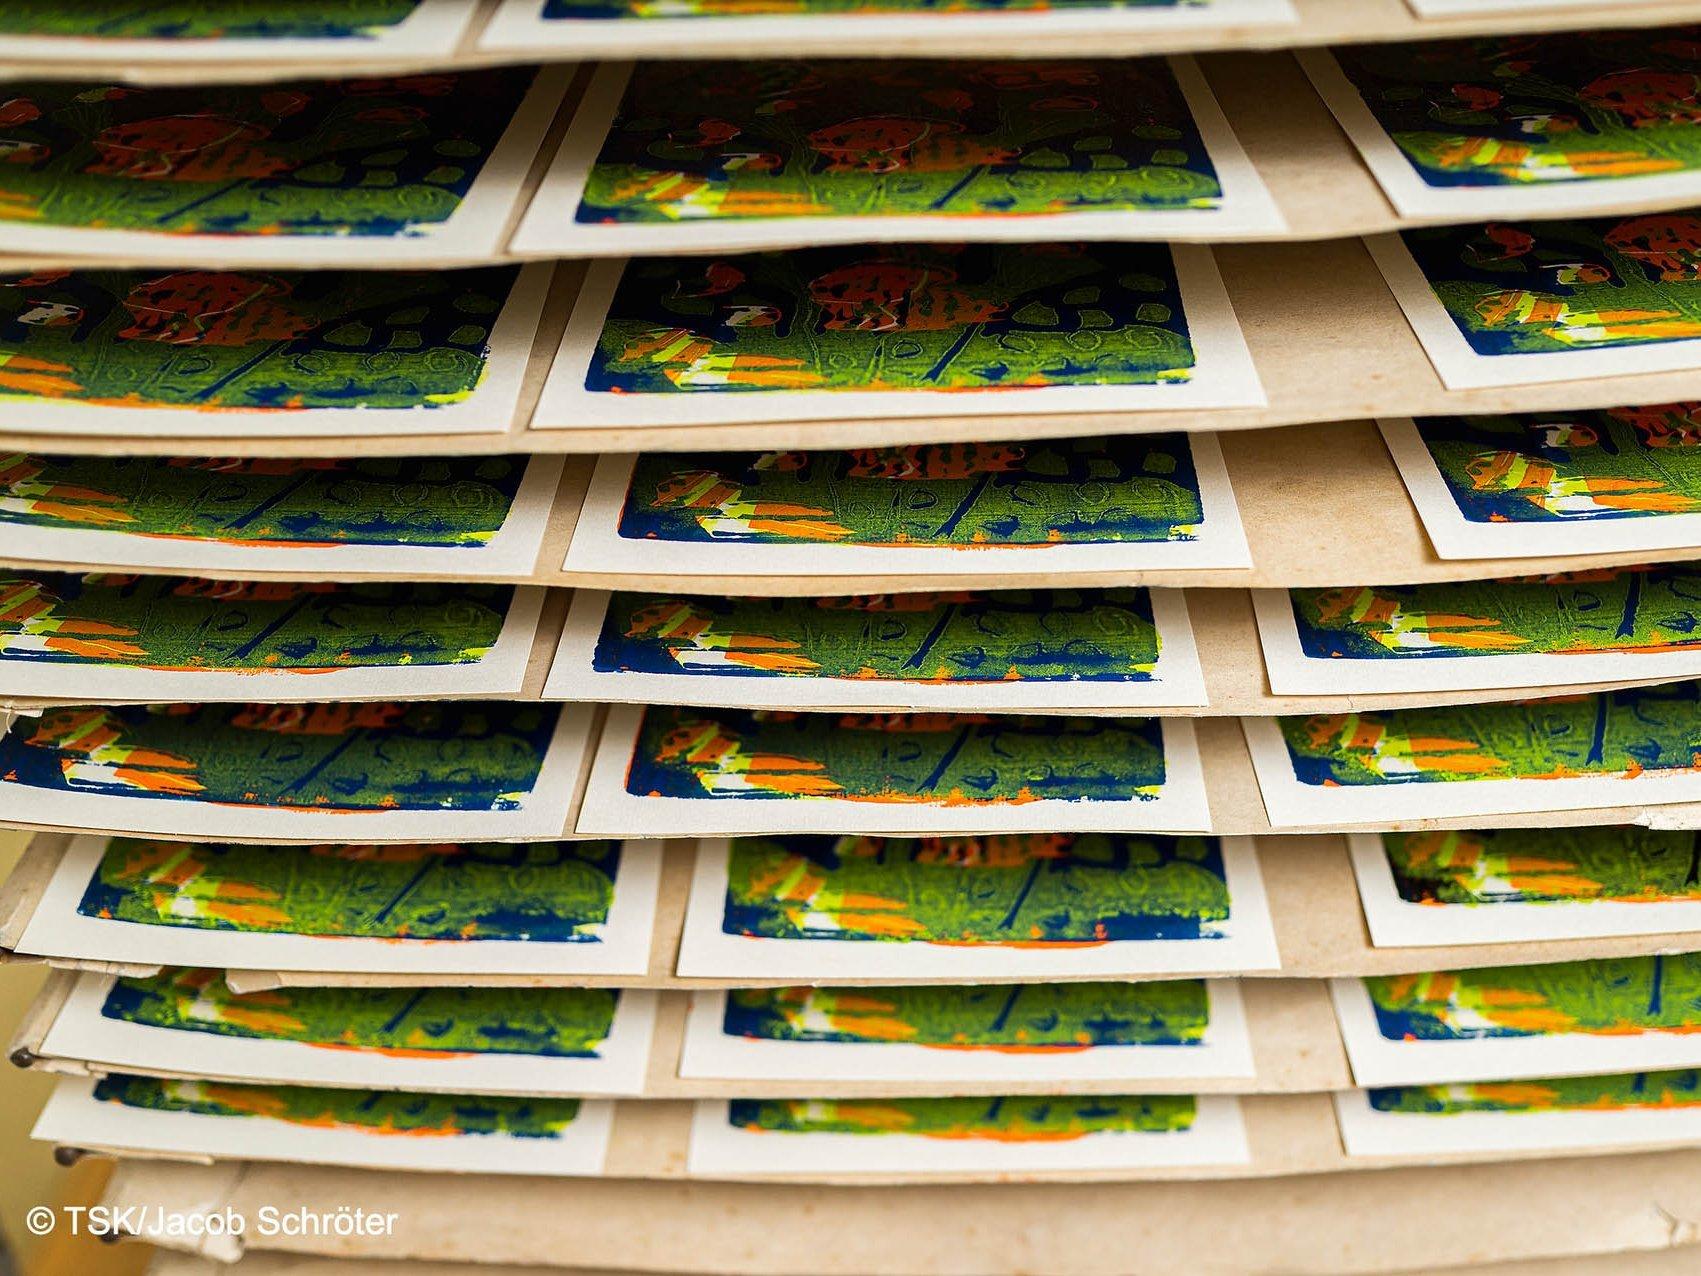 Drucke der Künstlers Martin Max in einer Ablage